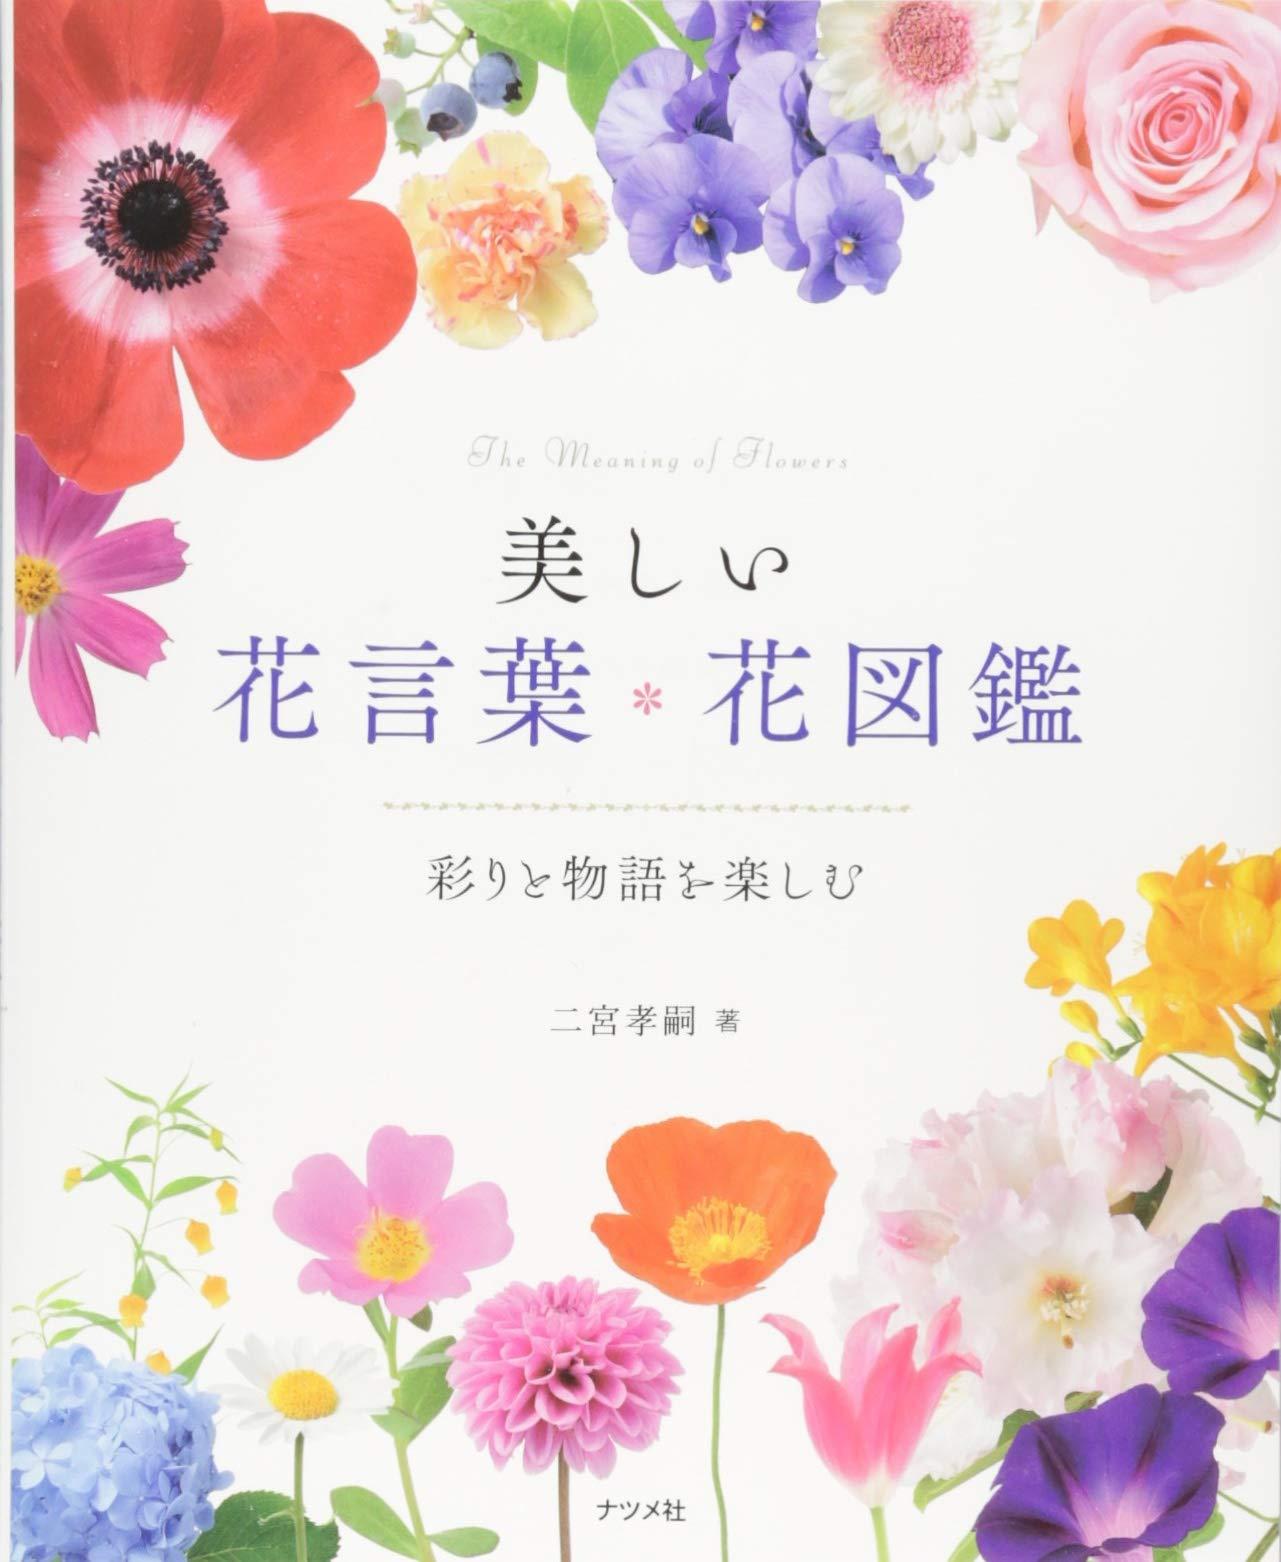 花図鑑のおすすめ18選!子ども向けのDVD付き図鑑や花言葉図鑑も